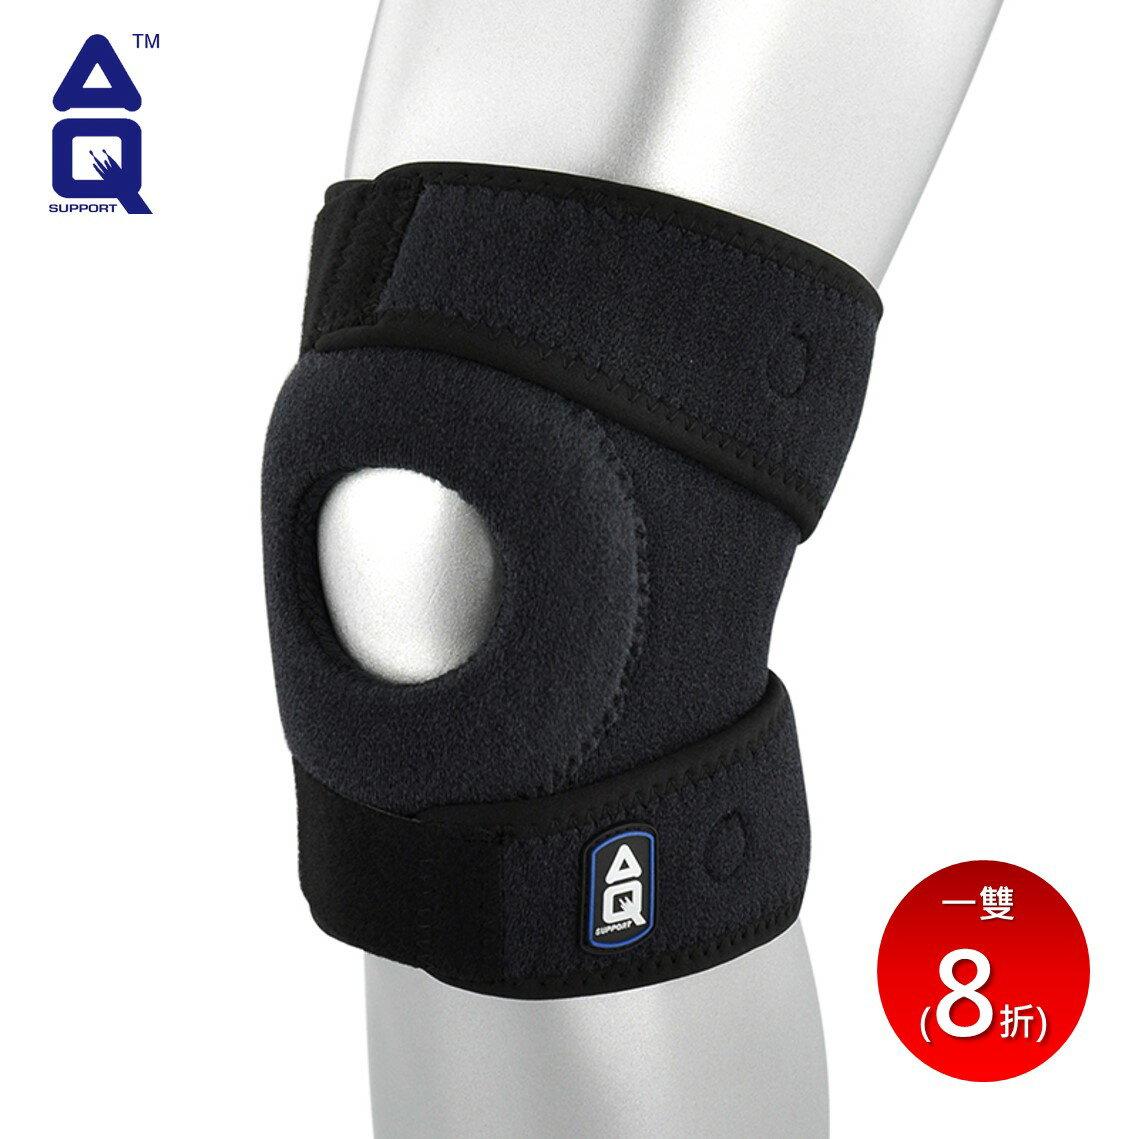 調節式護膝 (型號:5056SP) 護具 一雙(8折)  運動護具 護膝 AQ SUPPORT 14天免費退換貨